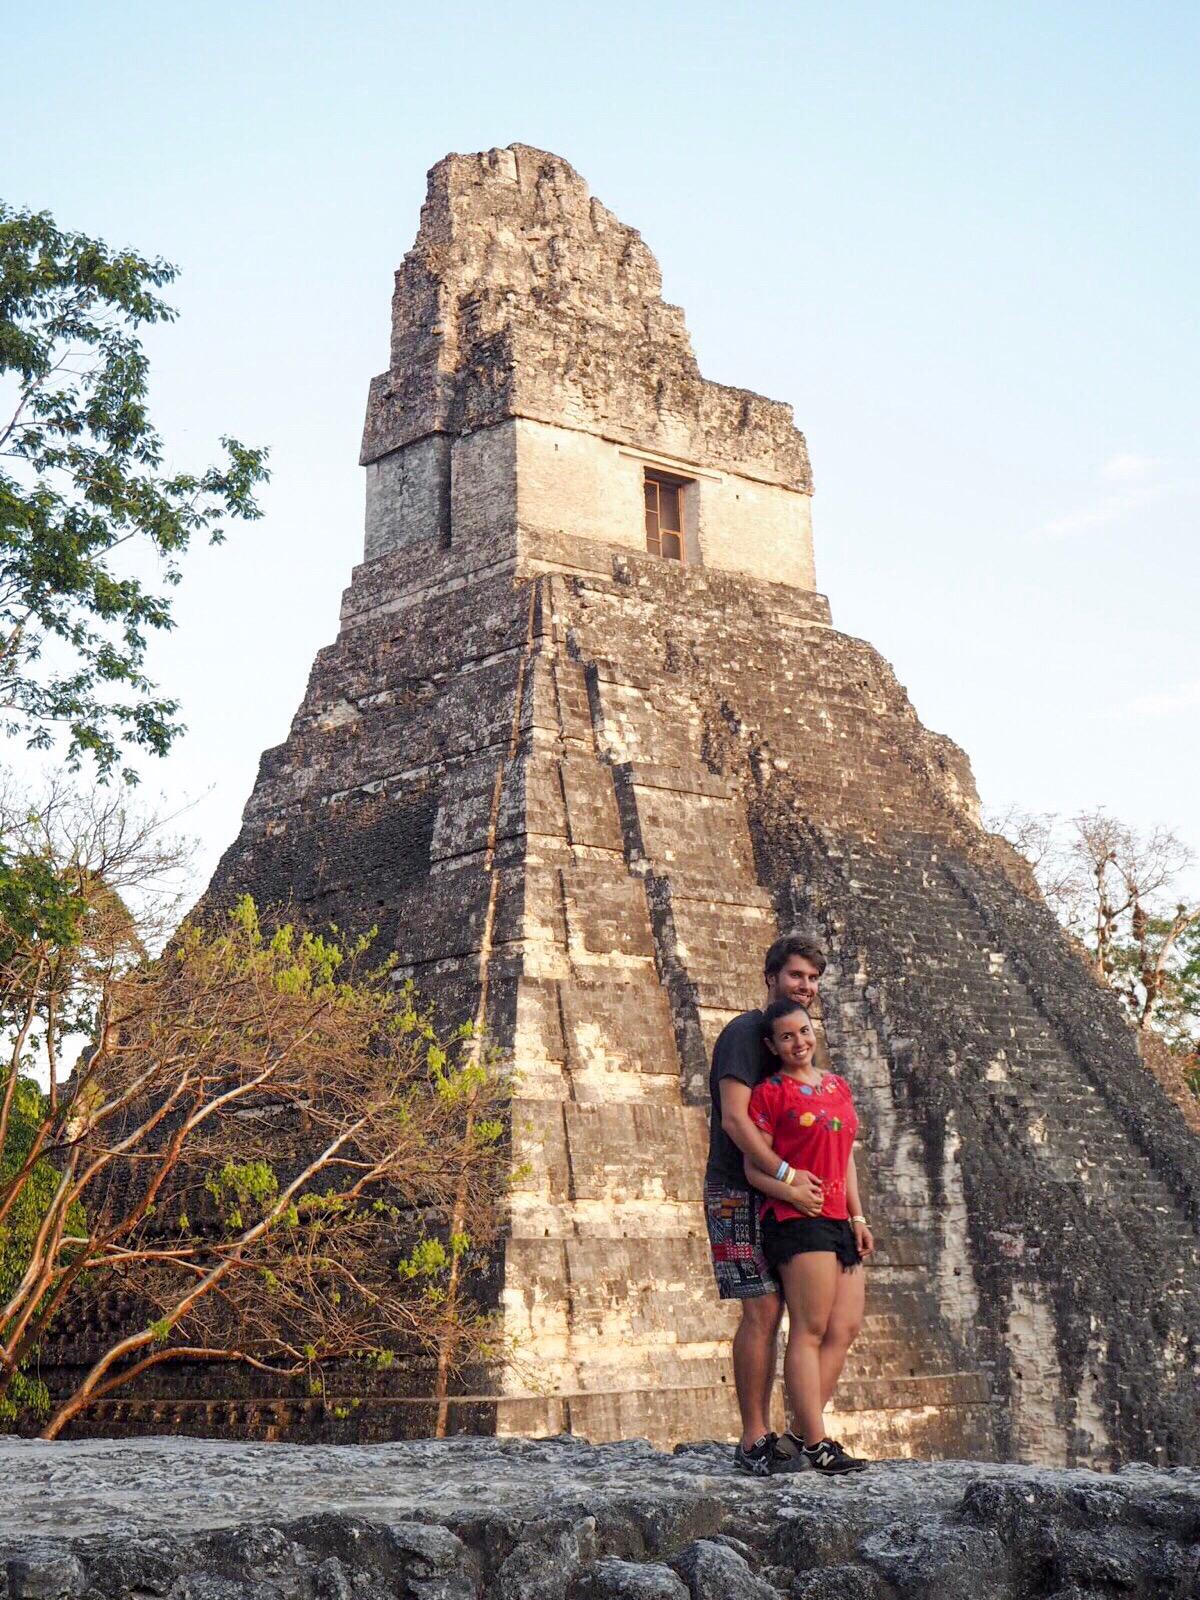 8bf4b5cd81 Terminamos a nossa jornada com a sensação de termos explorado um pouco de  tudo que a Guatemala tem a nos oferecer. A bagagem voltou muito mais ...